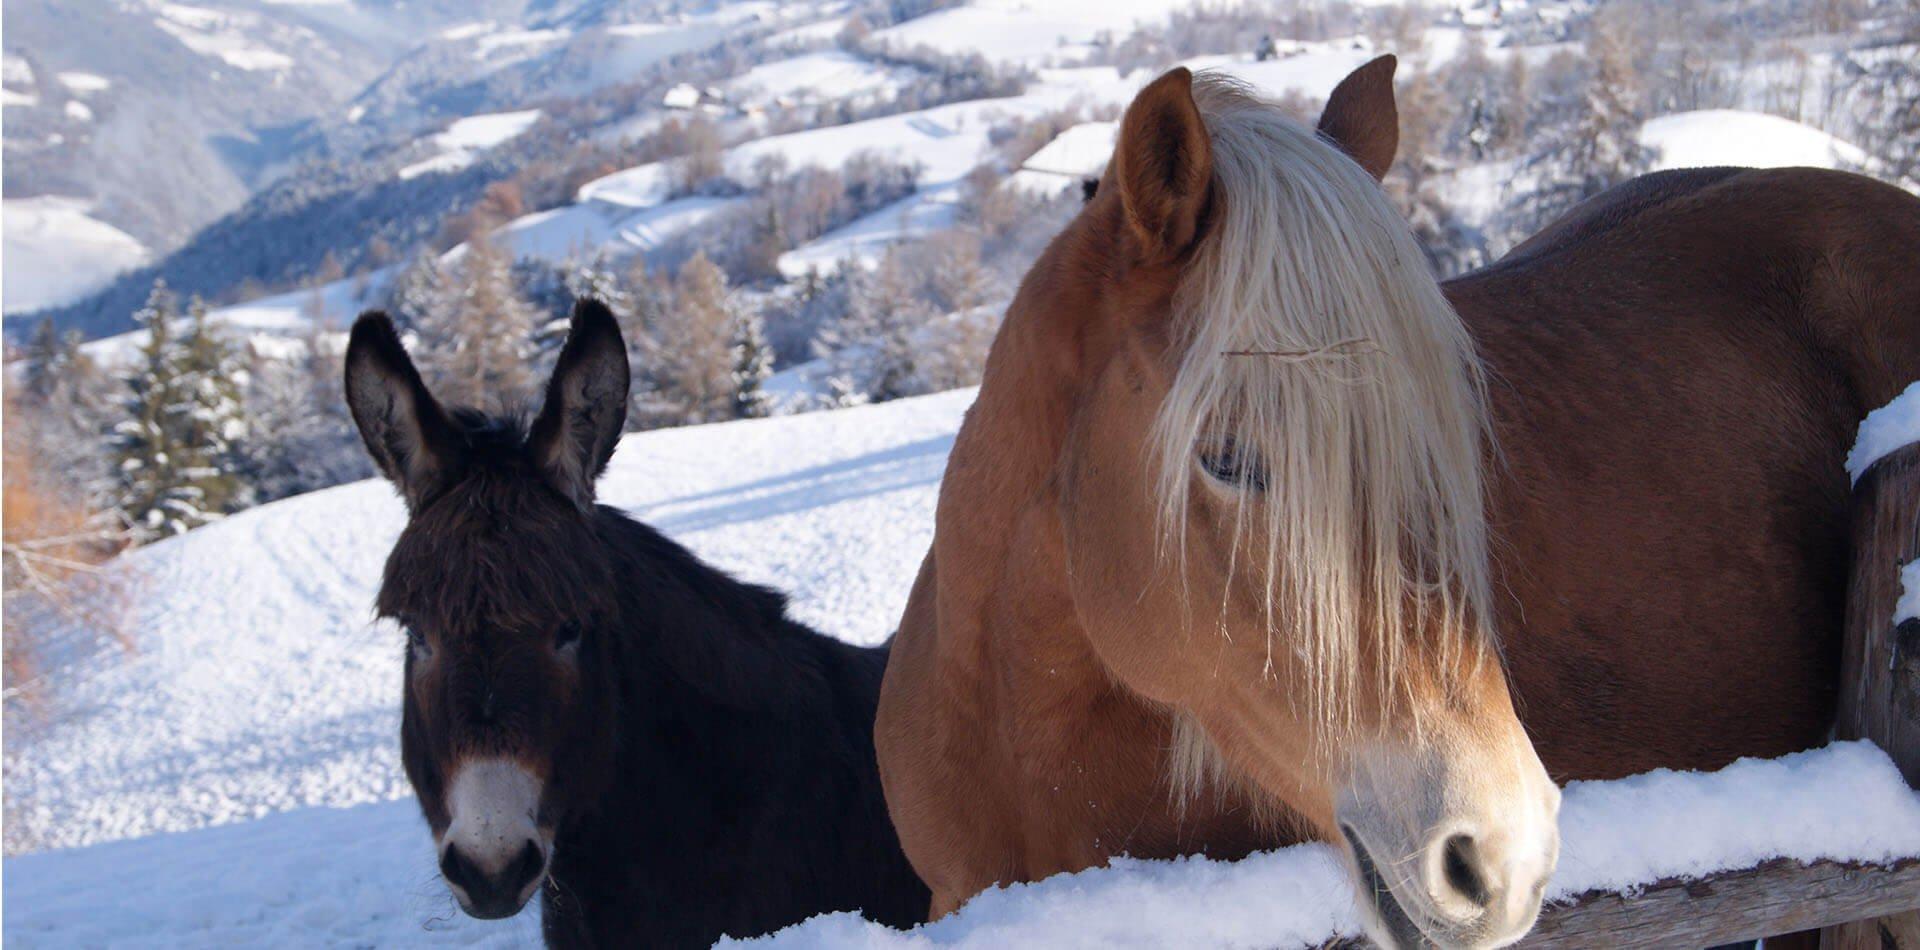 Urlaub auf dem Bauernhof Brixen | Winterurlaub am Bauernhof